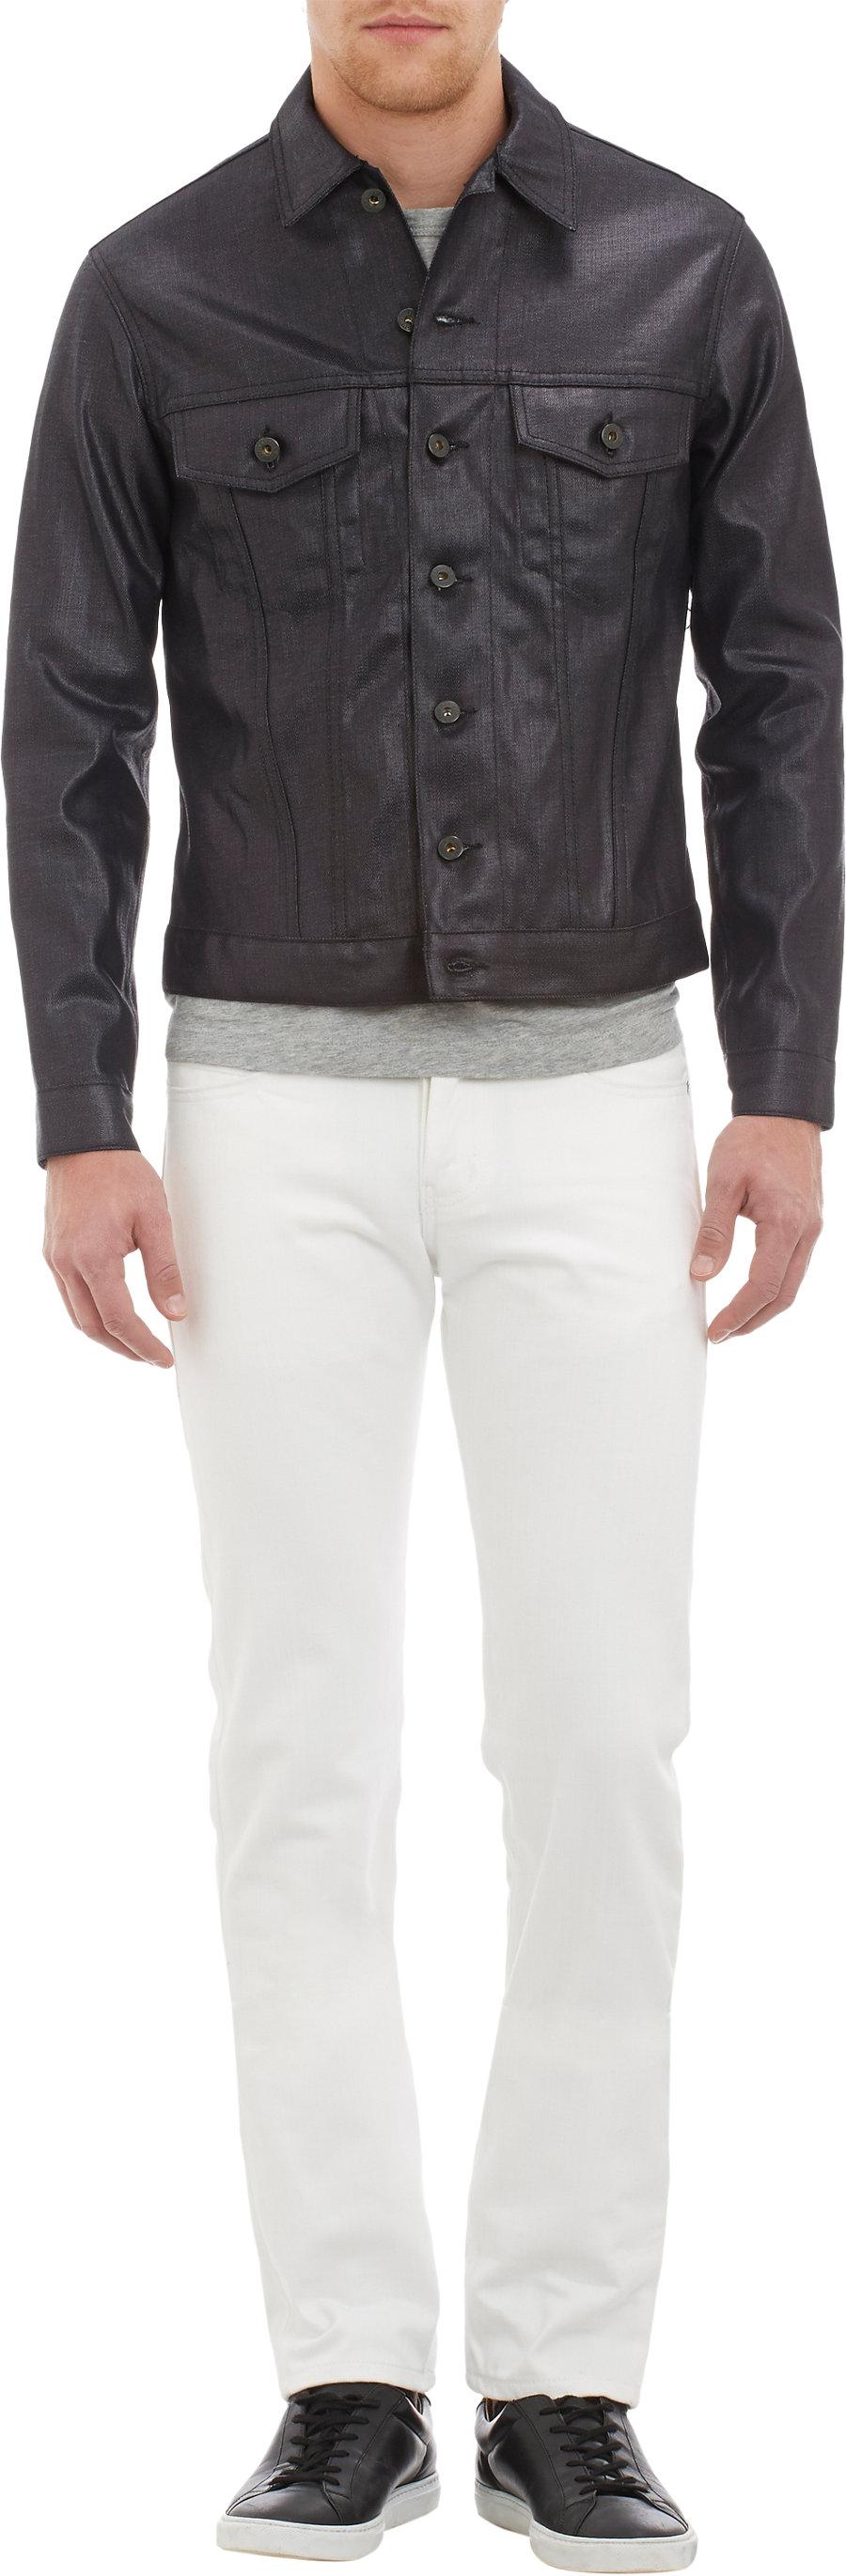 Naked /& Famous Denim Mens Slim-Fit Denim Jacket